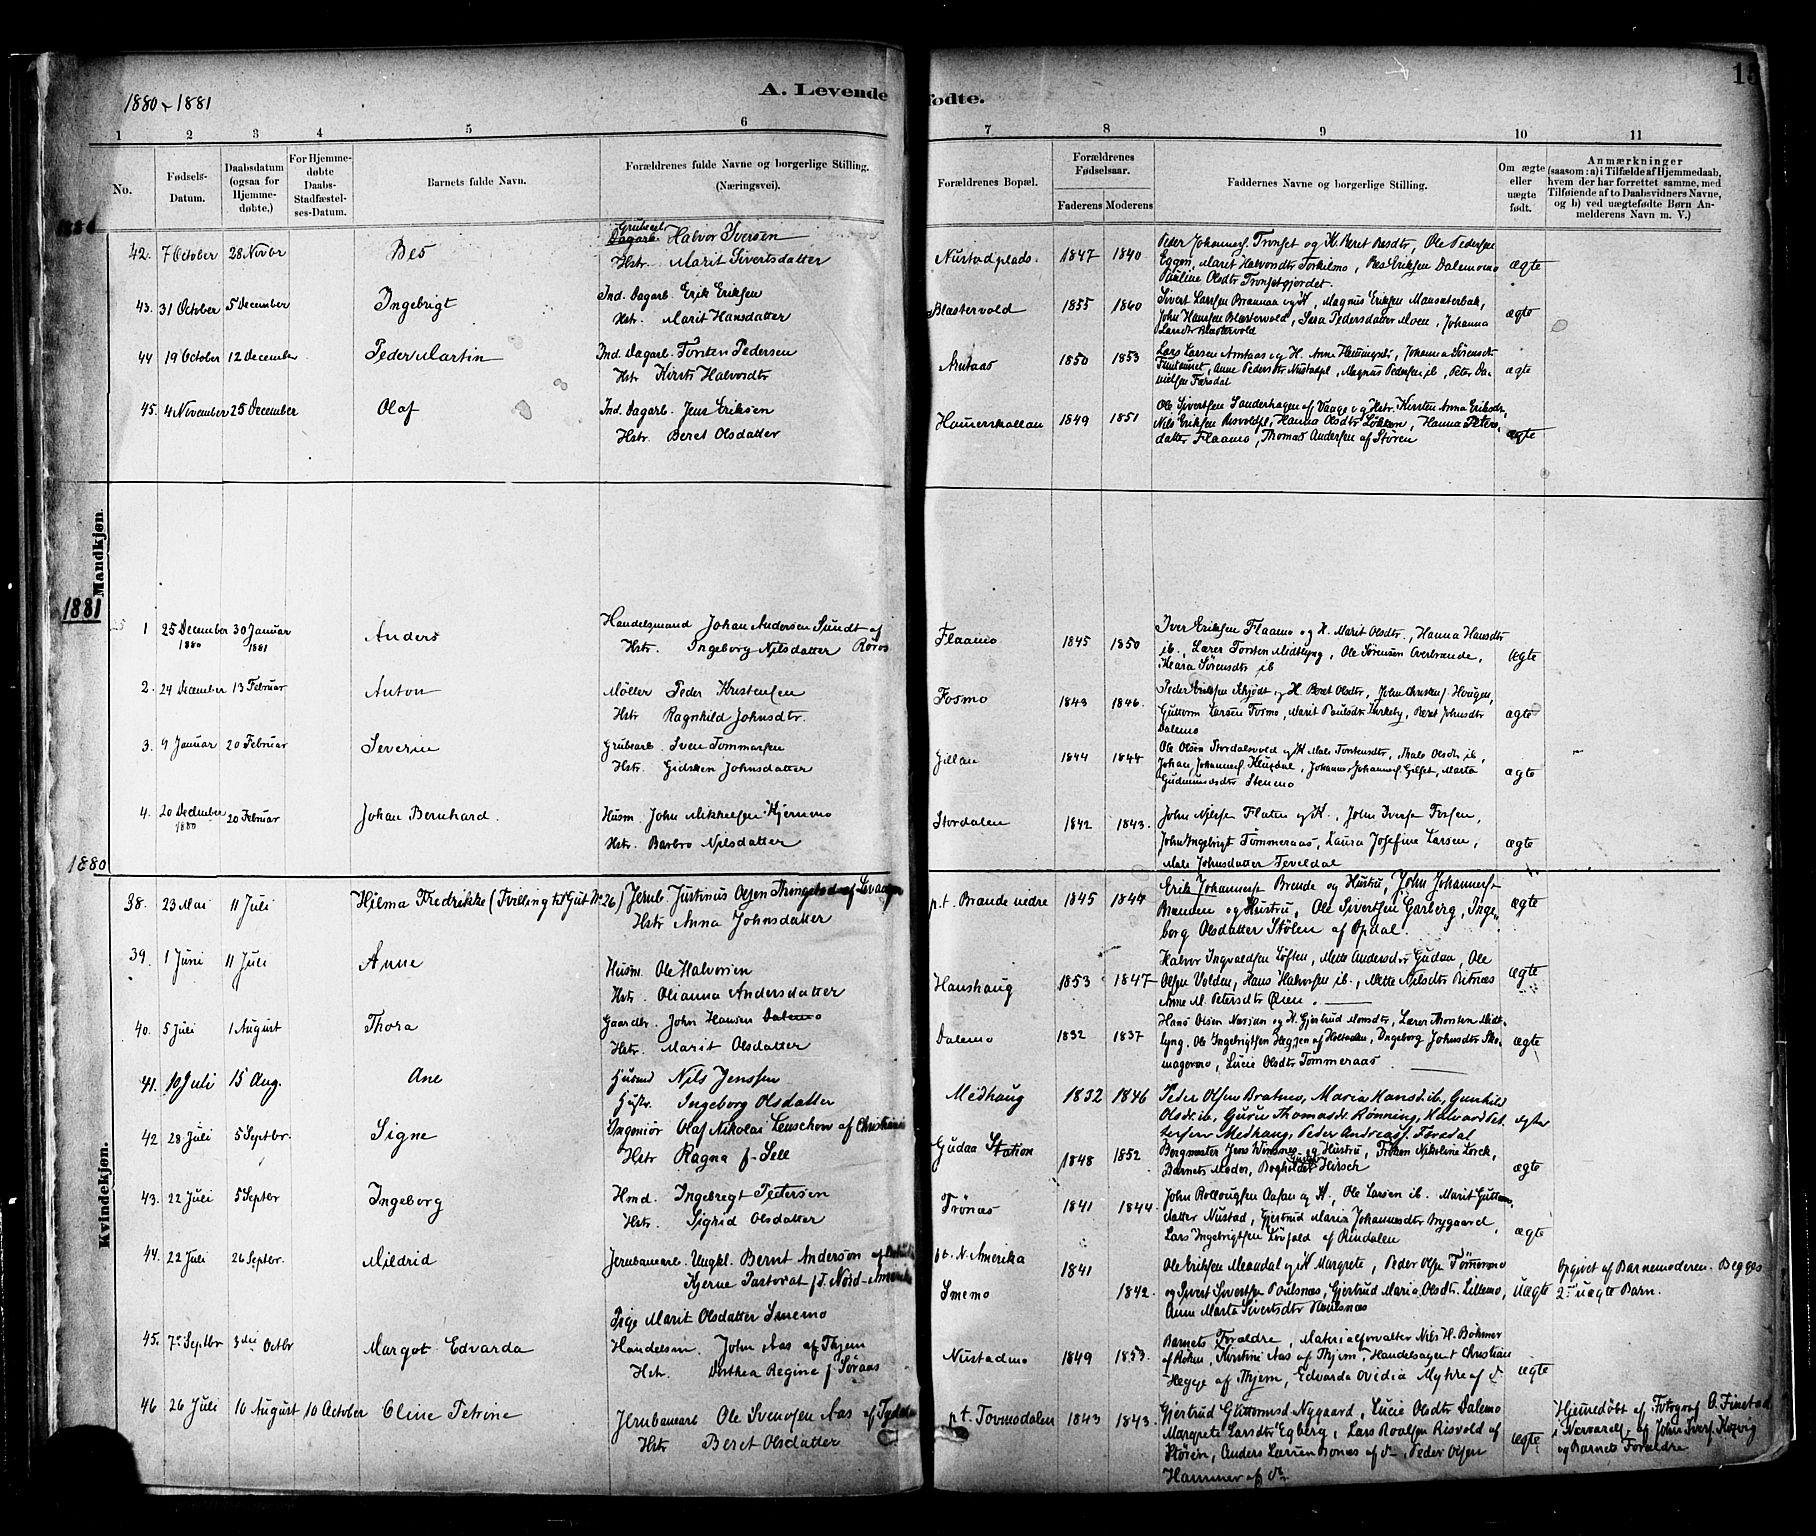 SAT, Ministerialprotokoller, klokkerbøker og fødselsregistre - Nord-Trøndelag, 706/L0047: Ministerialbok nr. 706A03, 1878-1892, s. 15